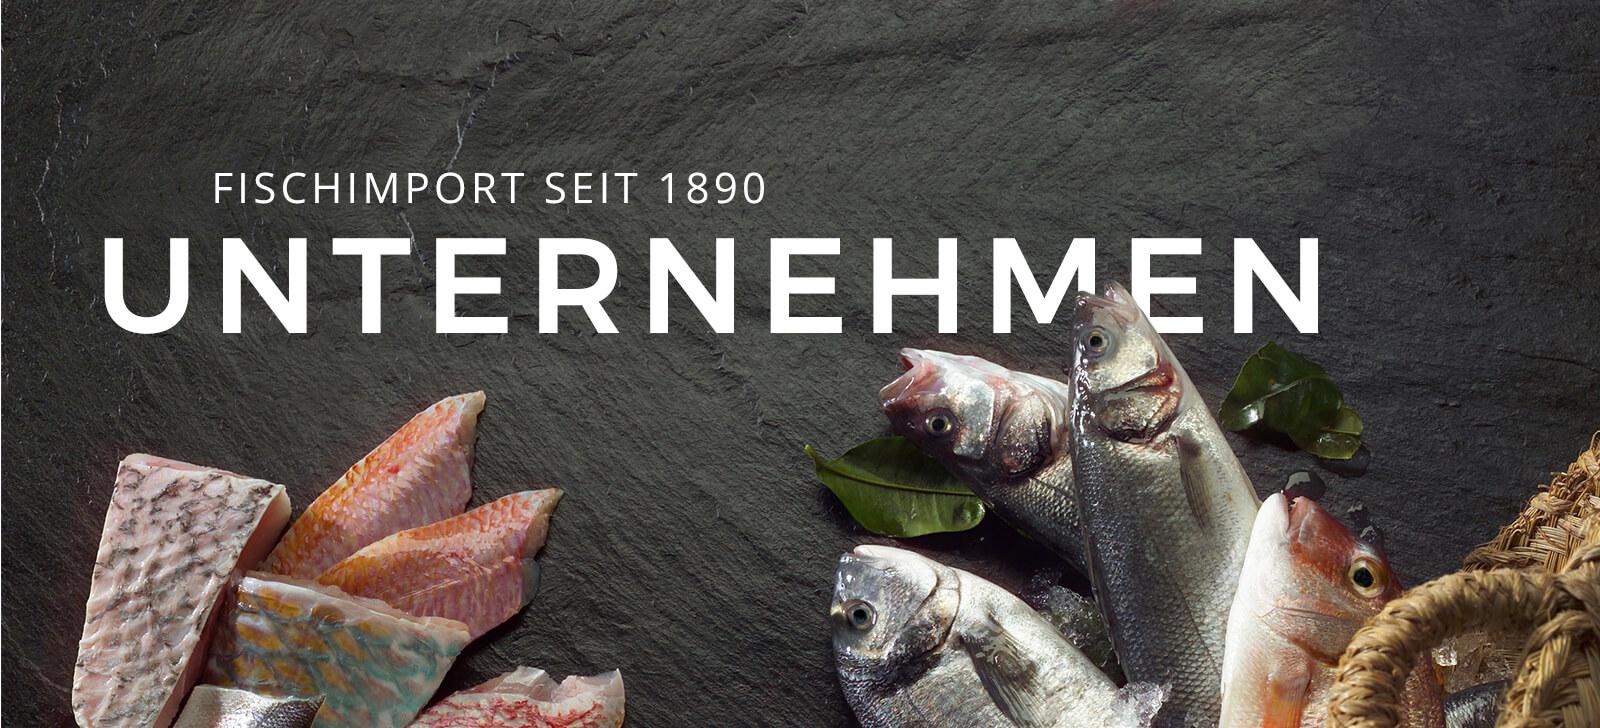 Fischimport seit 1890 - Unternehmen